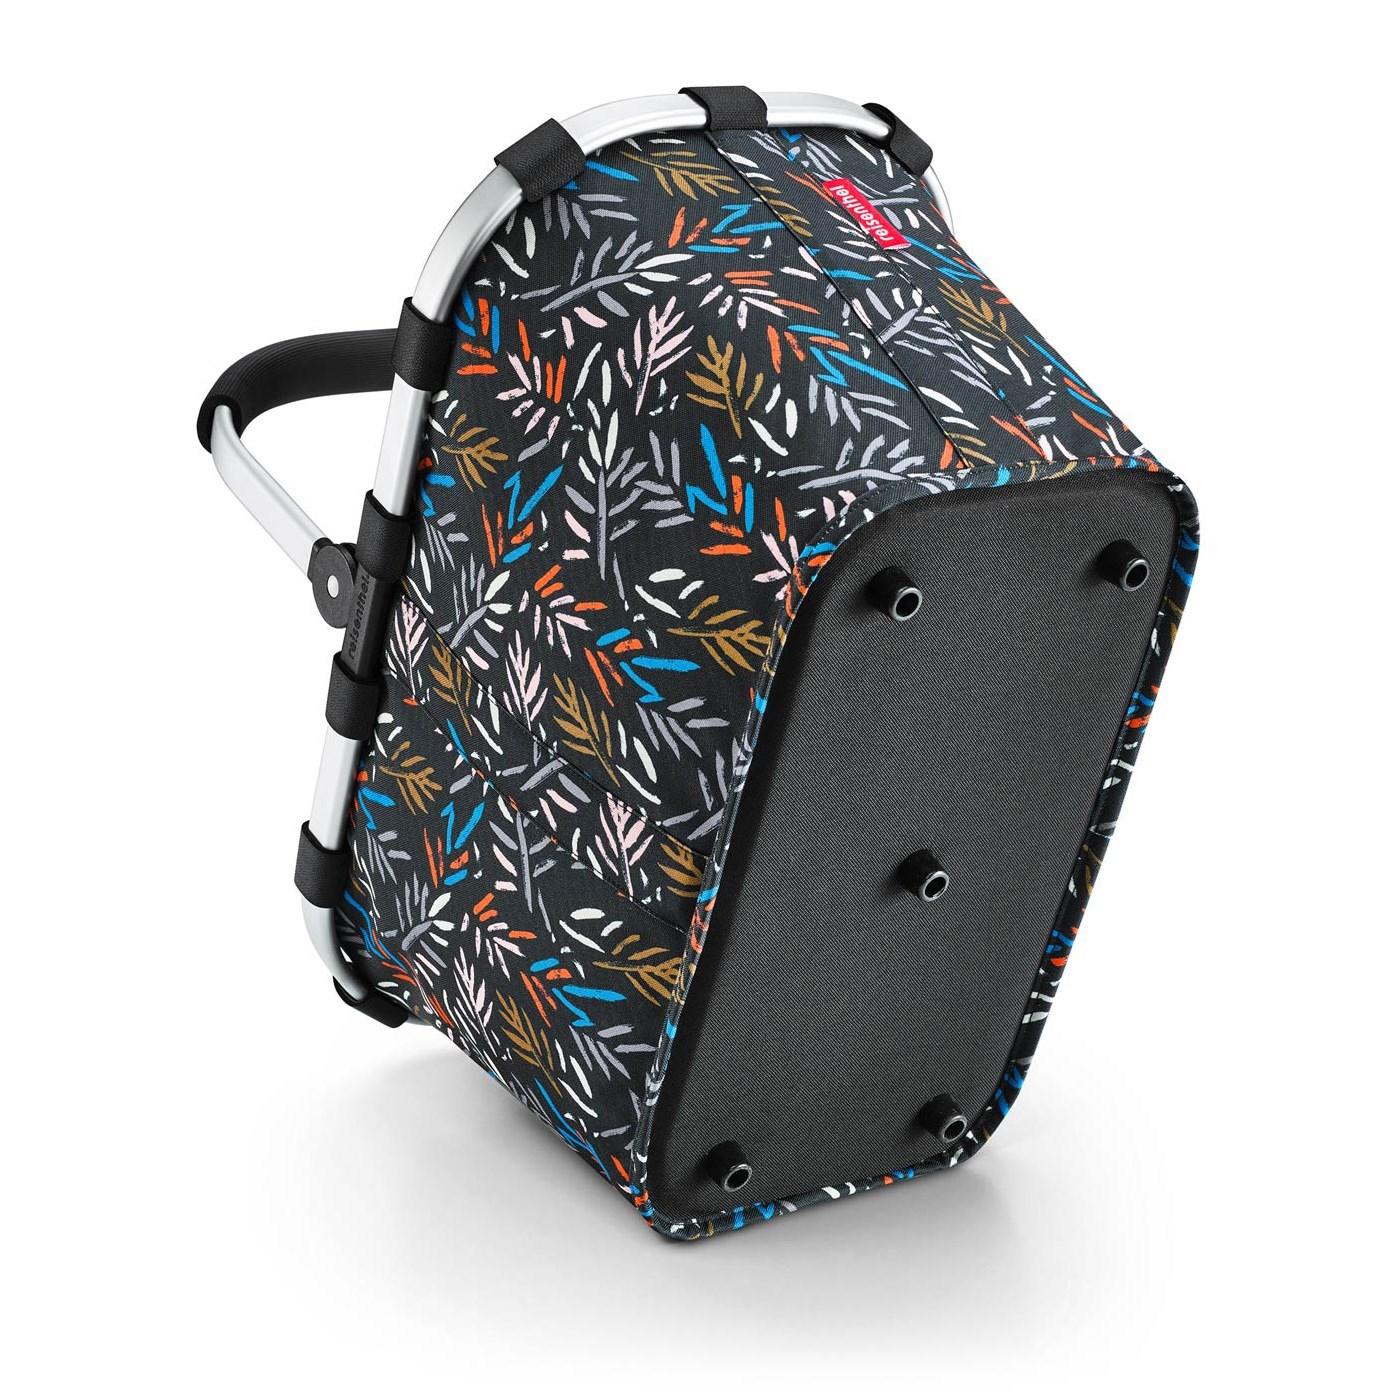 Nákupní košík Carrybag autumn 1_1